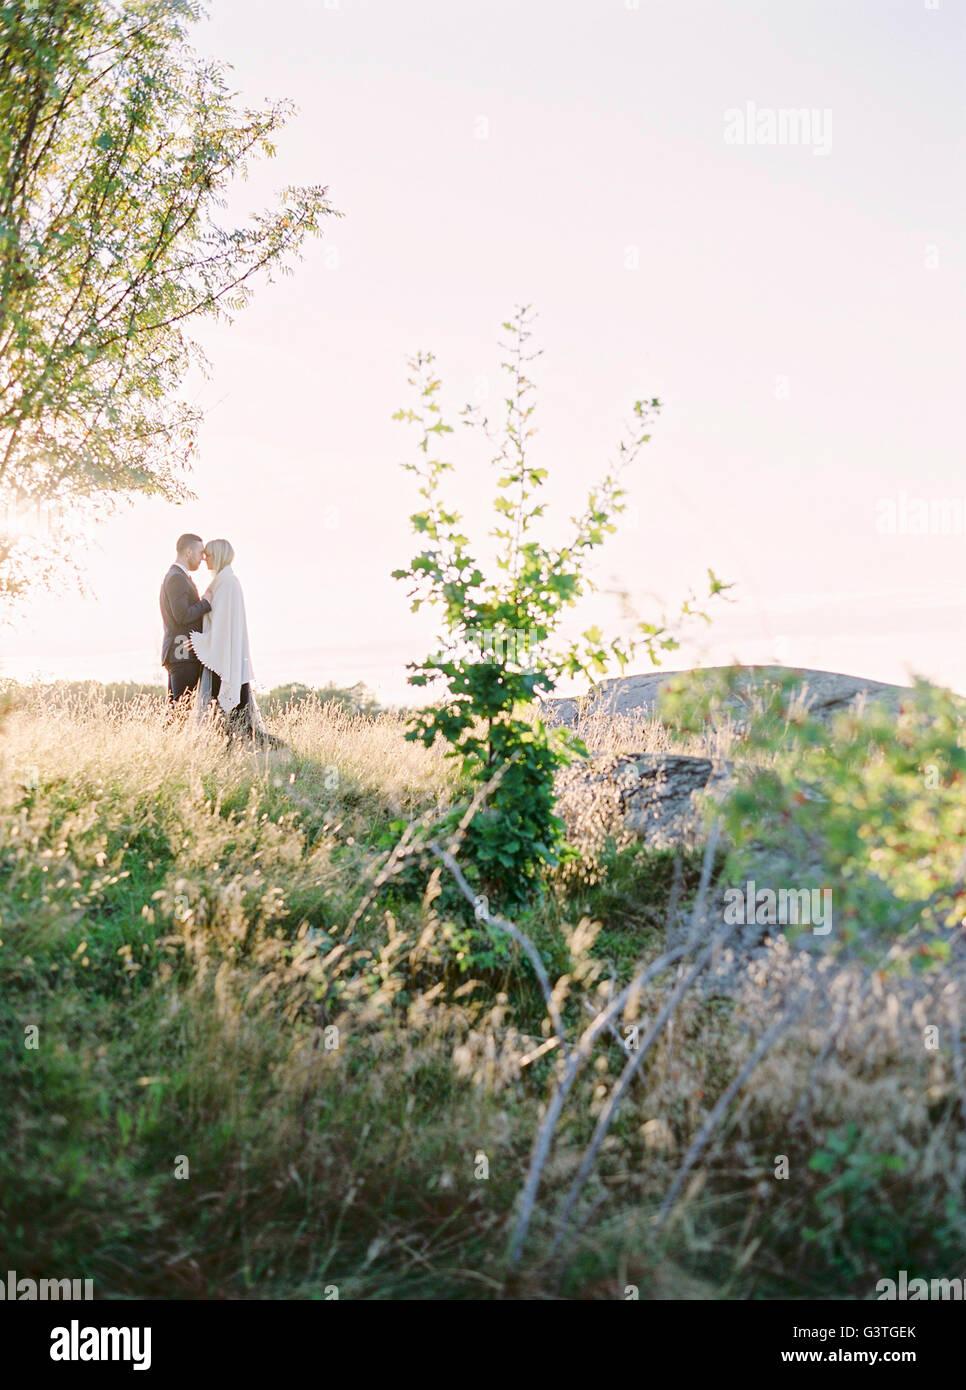 Schweden, Braut und Bräutigam von Angesicht zu Angesicht im Rasen stehen Stockbild